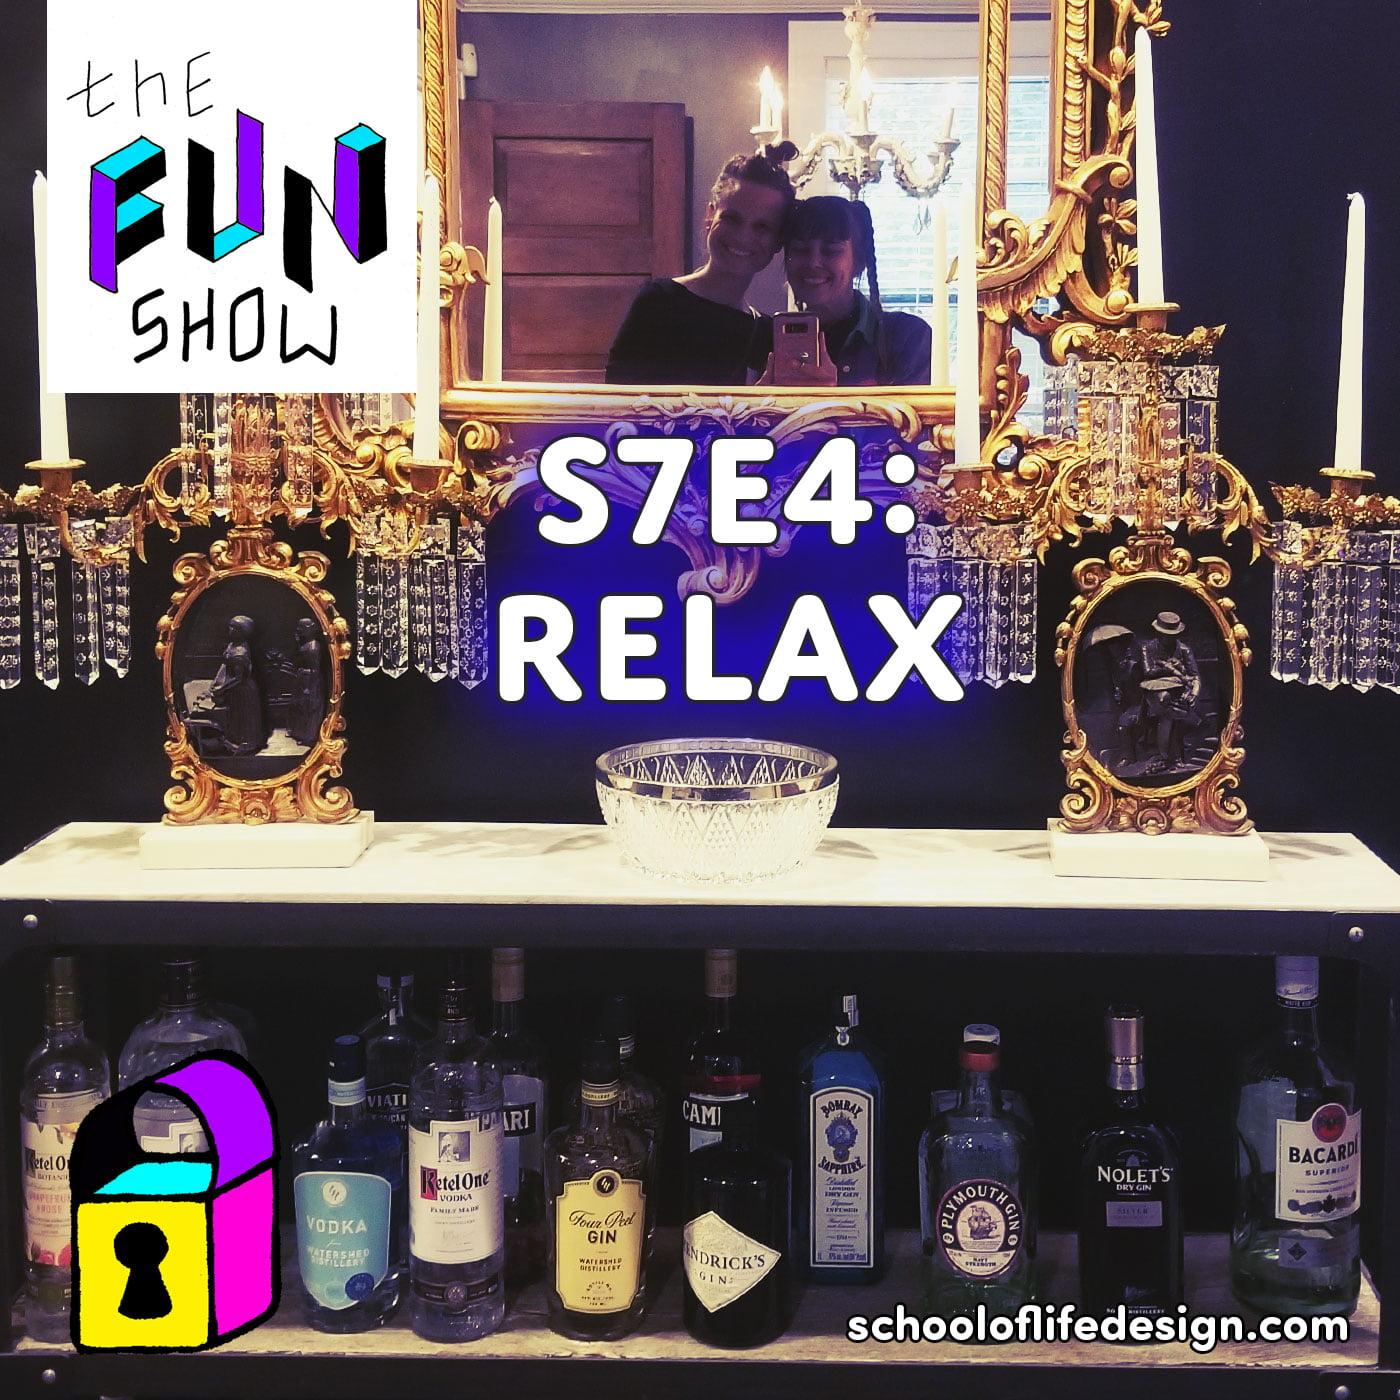 The Fun Show S7E4: RELAX